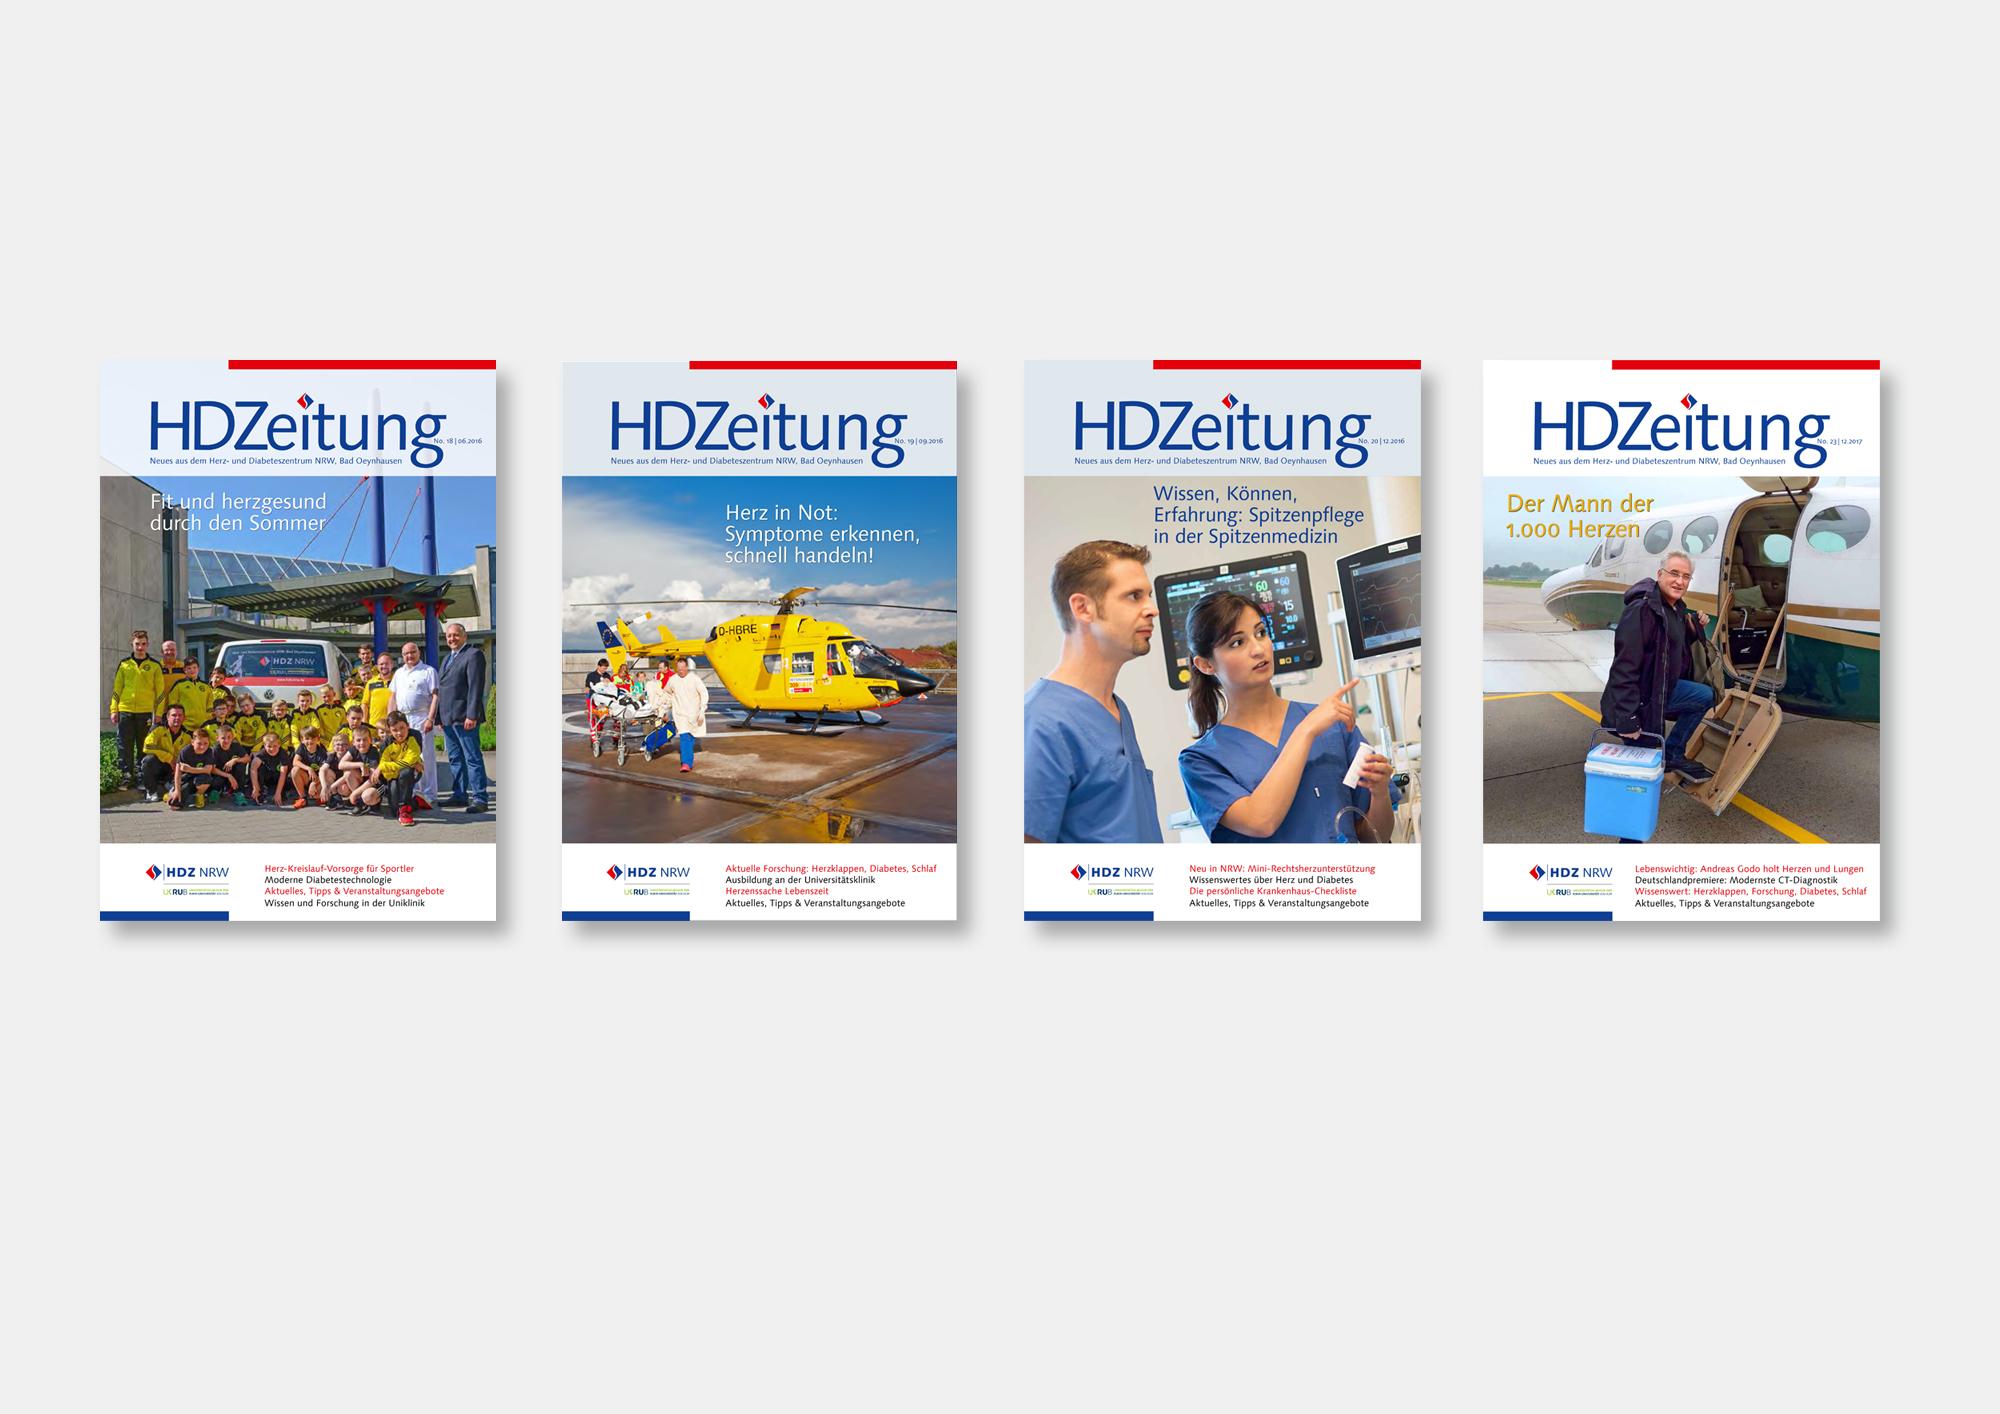 Herz- und Diabeteszentrum NRW Bad Oeynhausen · Klinikmagazin HDZeitung · Produktion in Zusammenarbeit mit der Presse- und Öffentlichkeitsarbeit HDZ